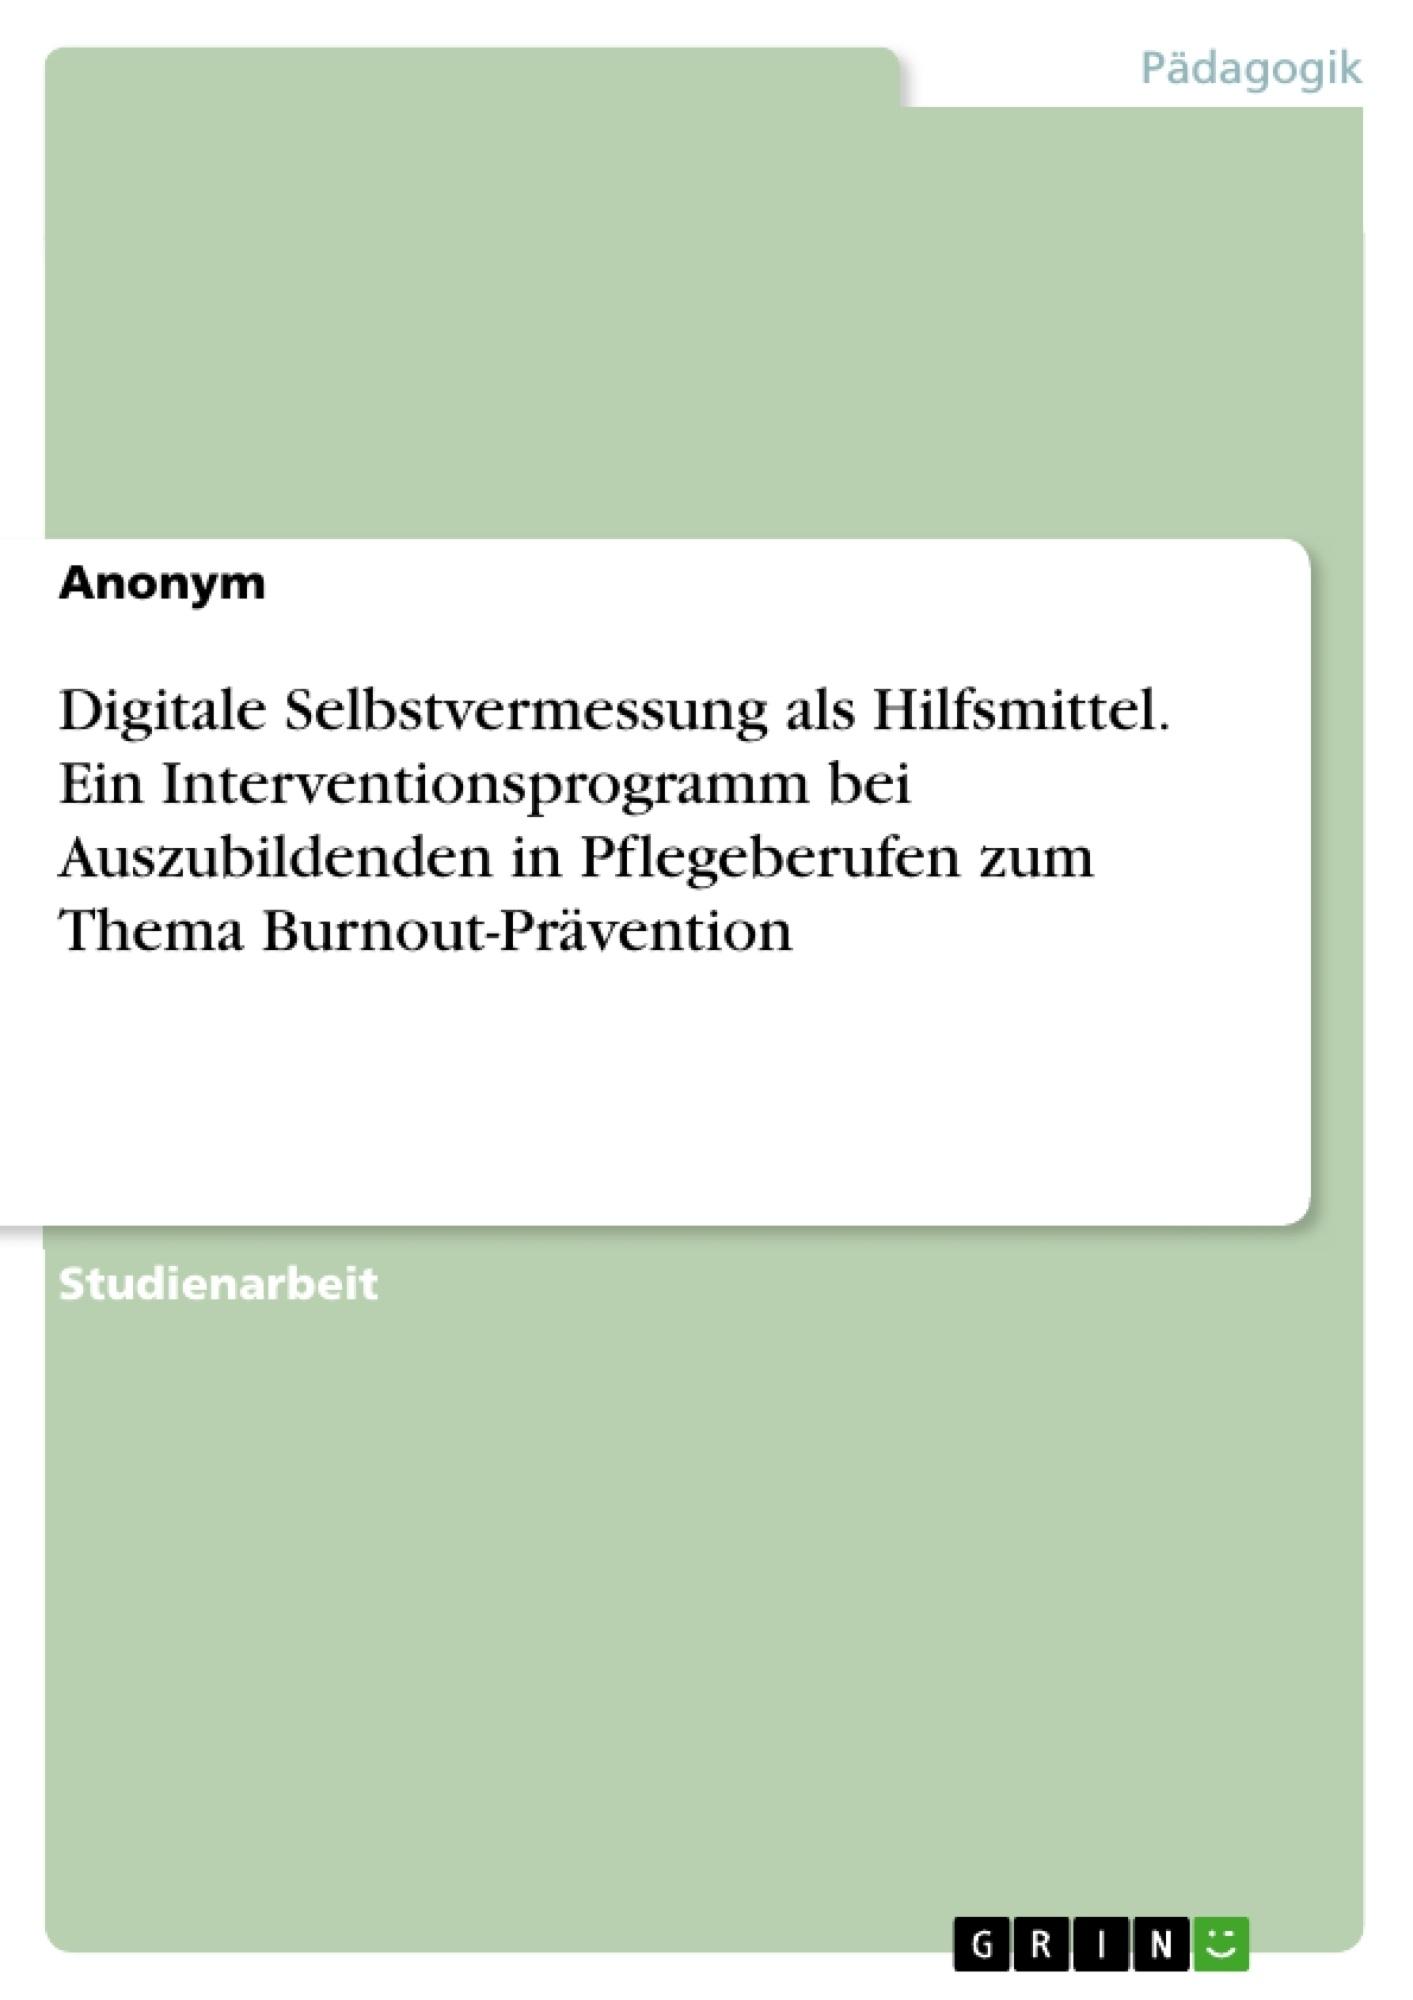 Titel: Digitale Selbstvermessung als Hilfsmittel. Ein Interventionsprogramm bei Auszubildenden in Pflegeberufen zum Thema Burnout-Prävention